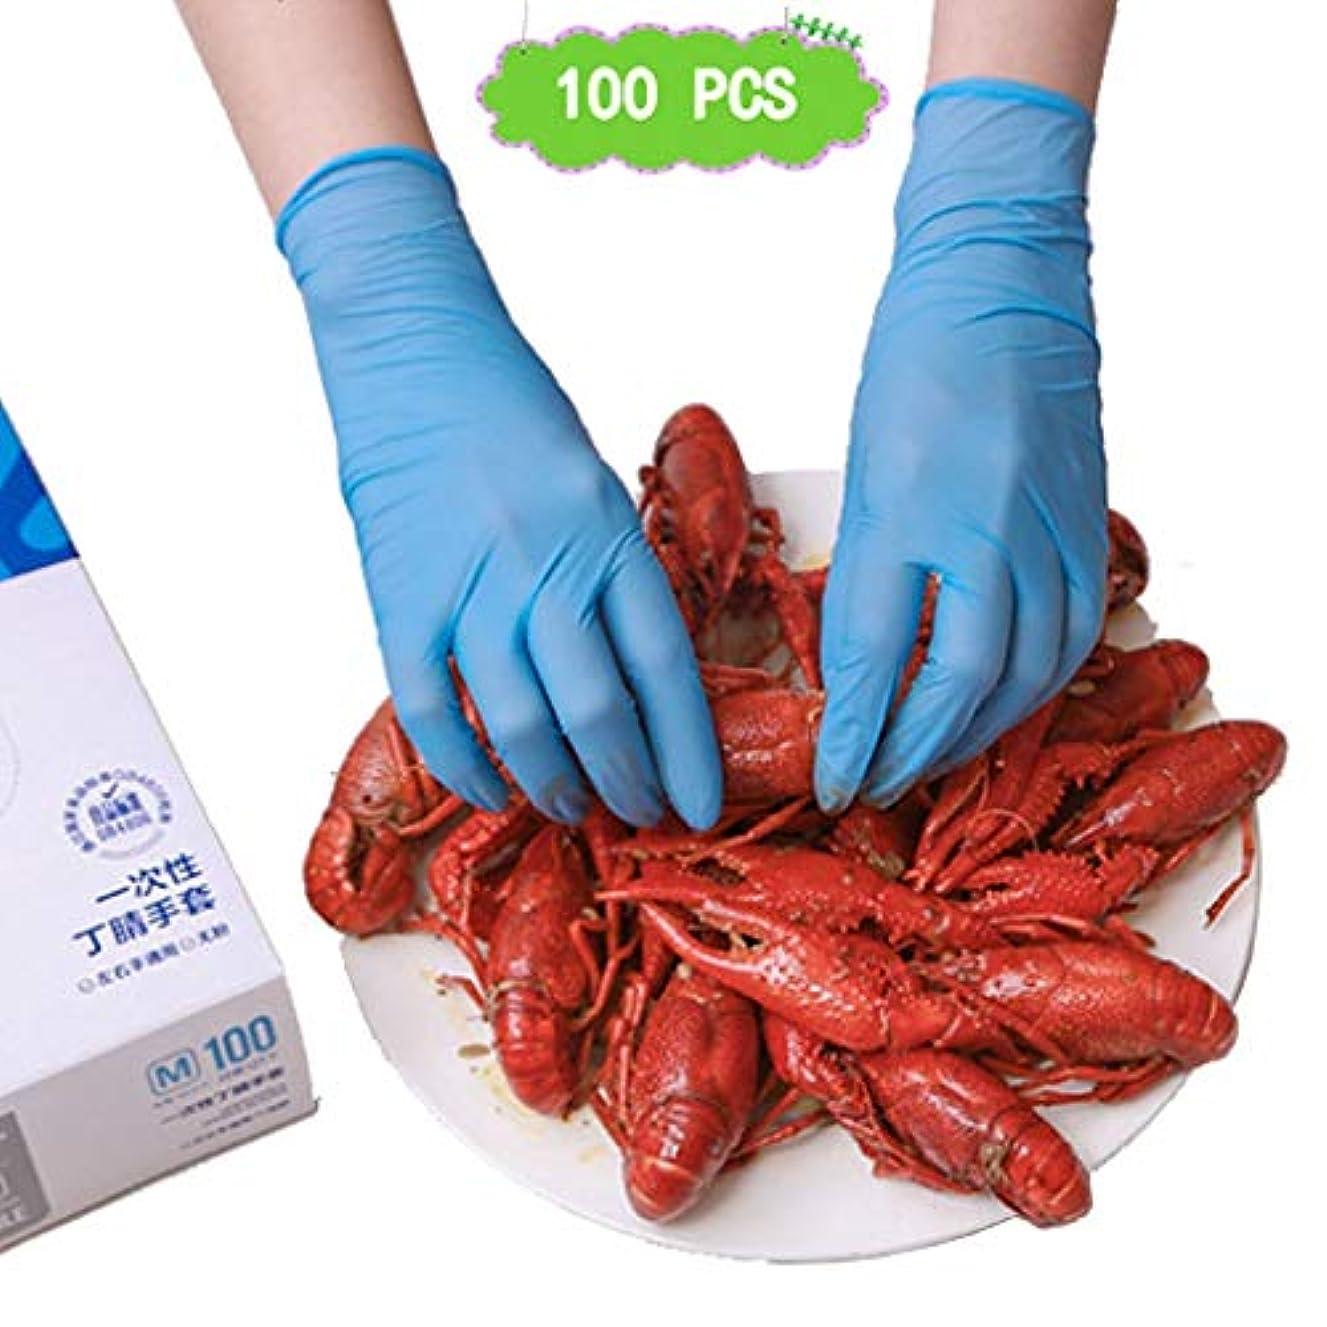 ボウル呼ぶそれによってニトリル手袋、滑り止め使い捨て手袋ペットケアブルーフィンガーヘンプキッチンクリーニングエビビューティーサロンラテックスフリー、ダークブルーパウダーフリー、100個 (Size : S)